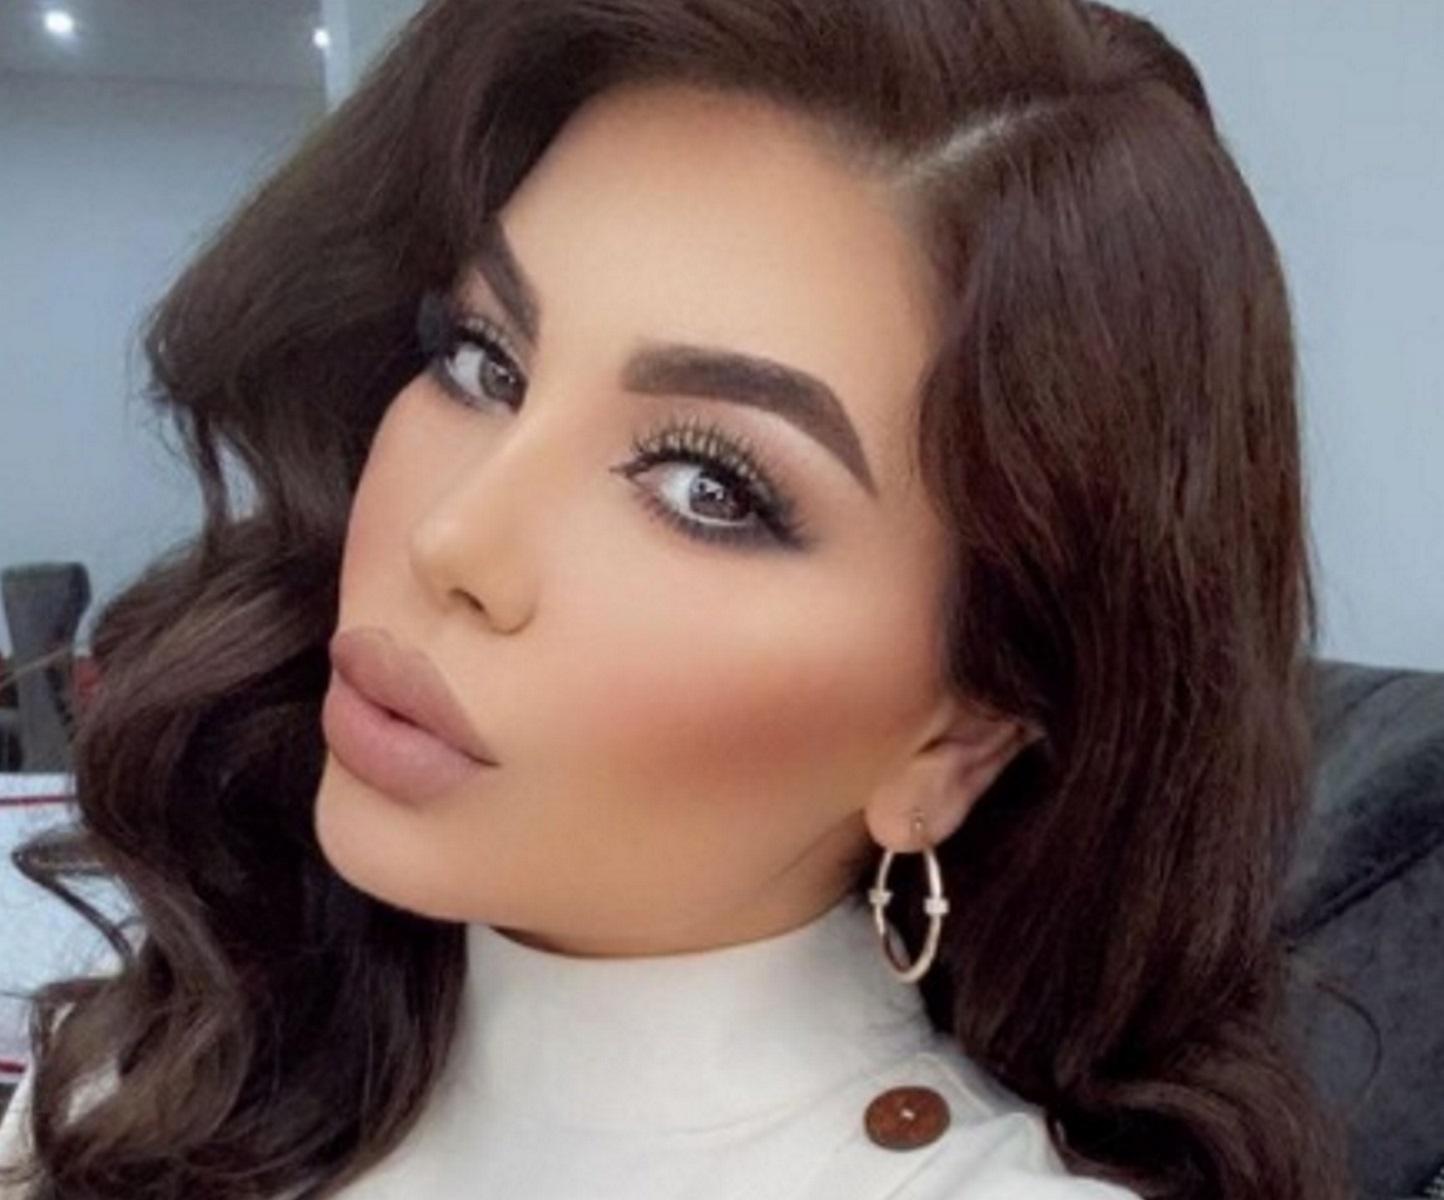 Αφγανή τραγουδίστρια: «Αν με πιάσουν οι Ταλιμπάν πυροβόλησε με στο κεφάλι»